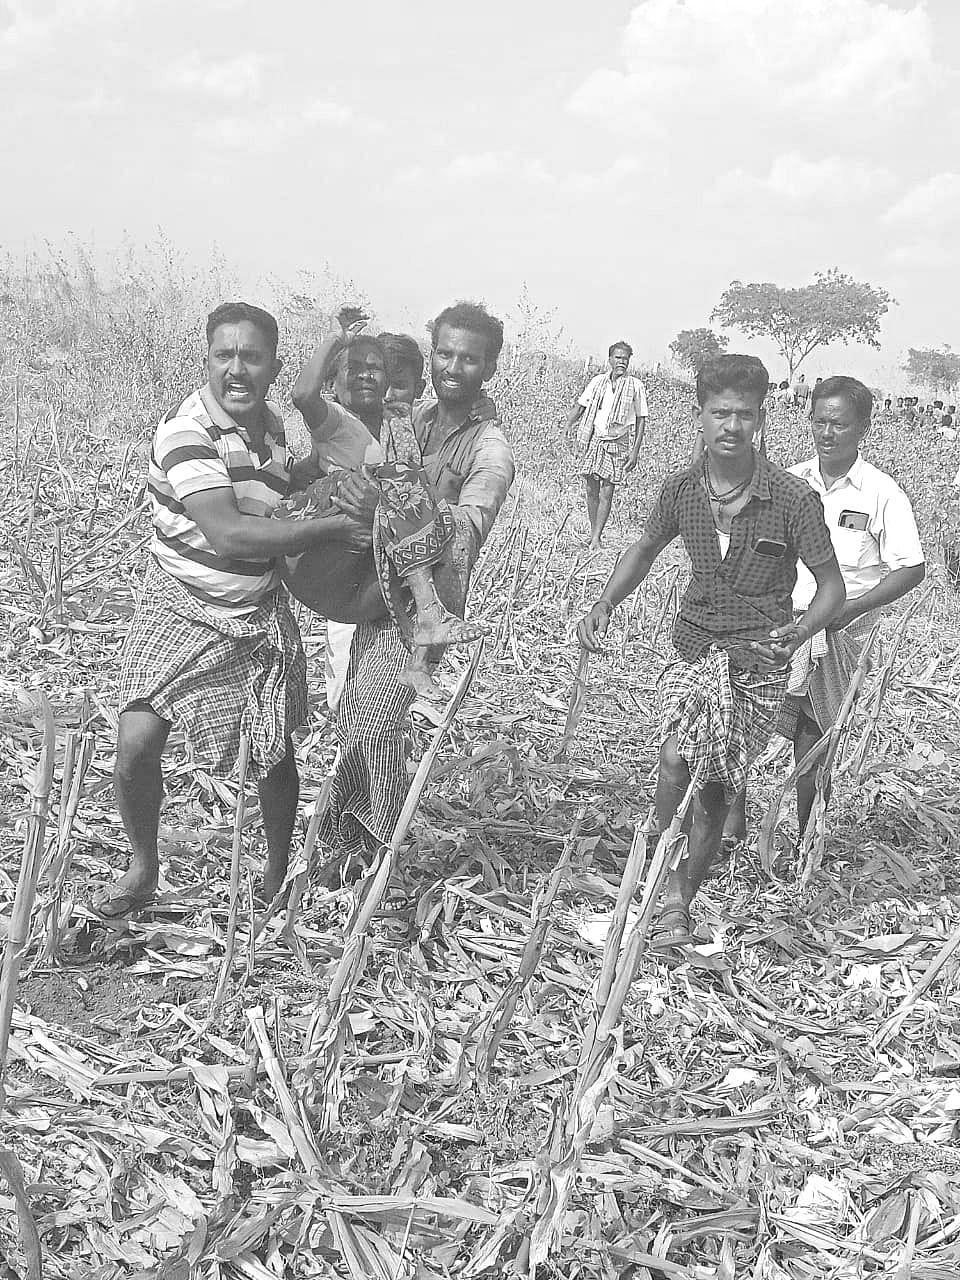 காயம்பட்டவரை தூக்கிச் செல்லும் ஊர்மக்கள்